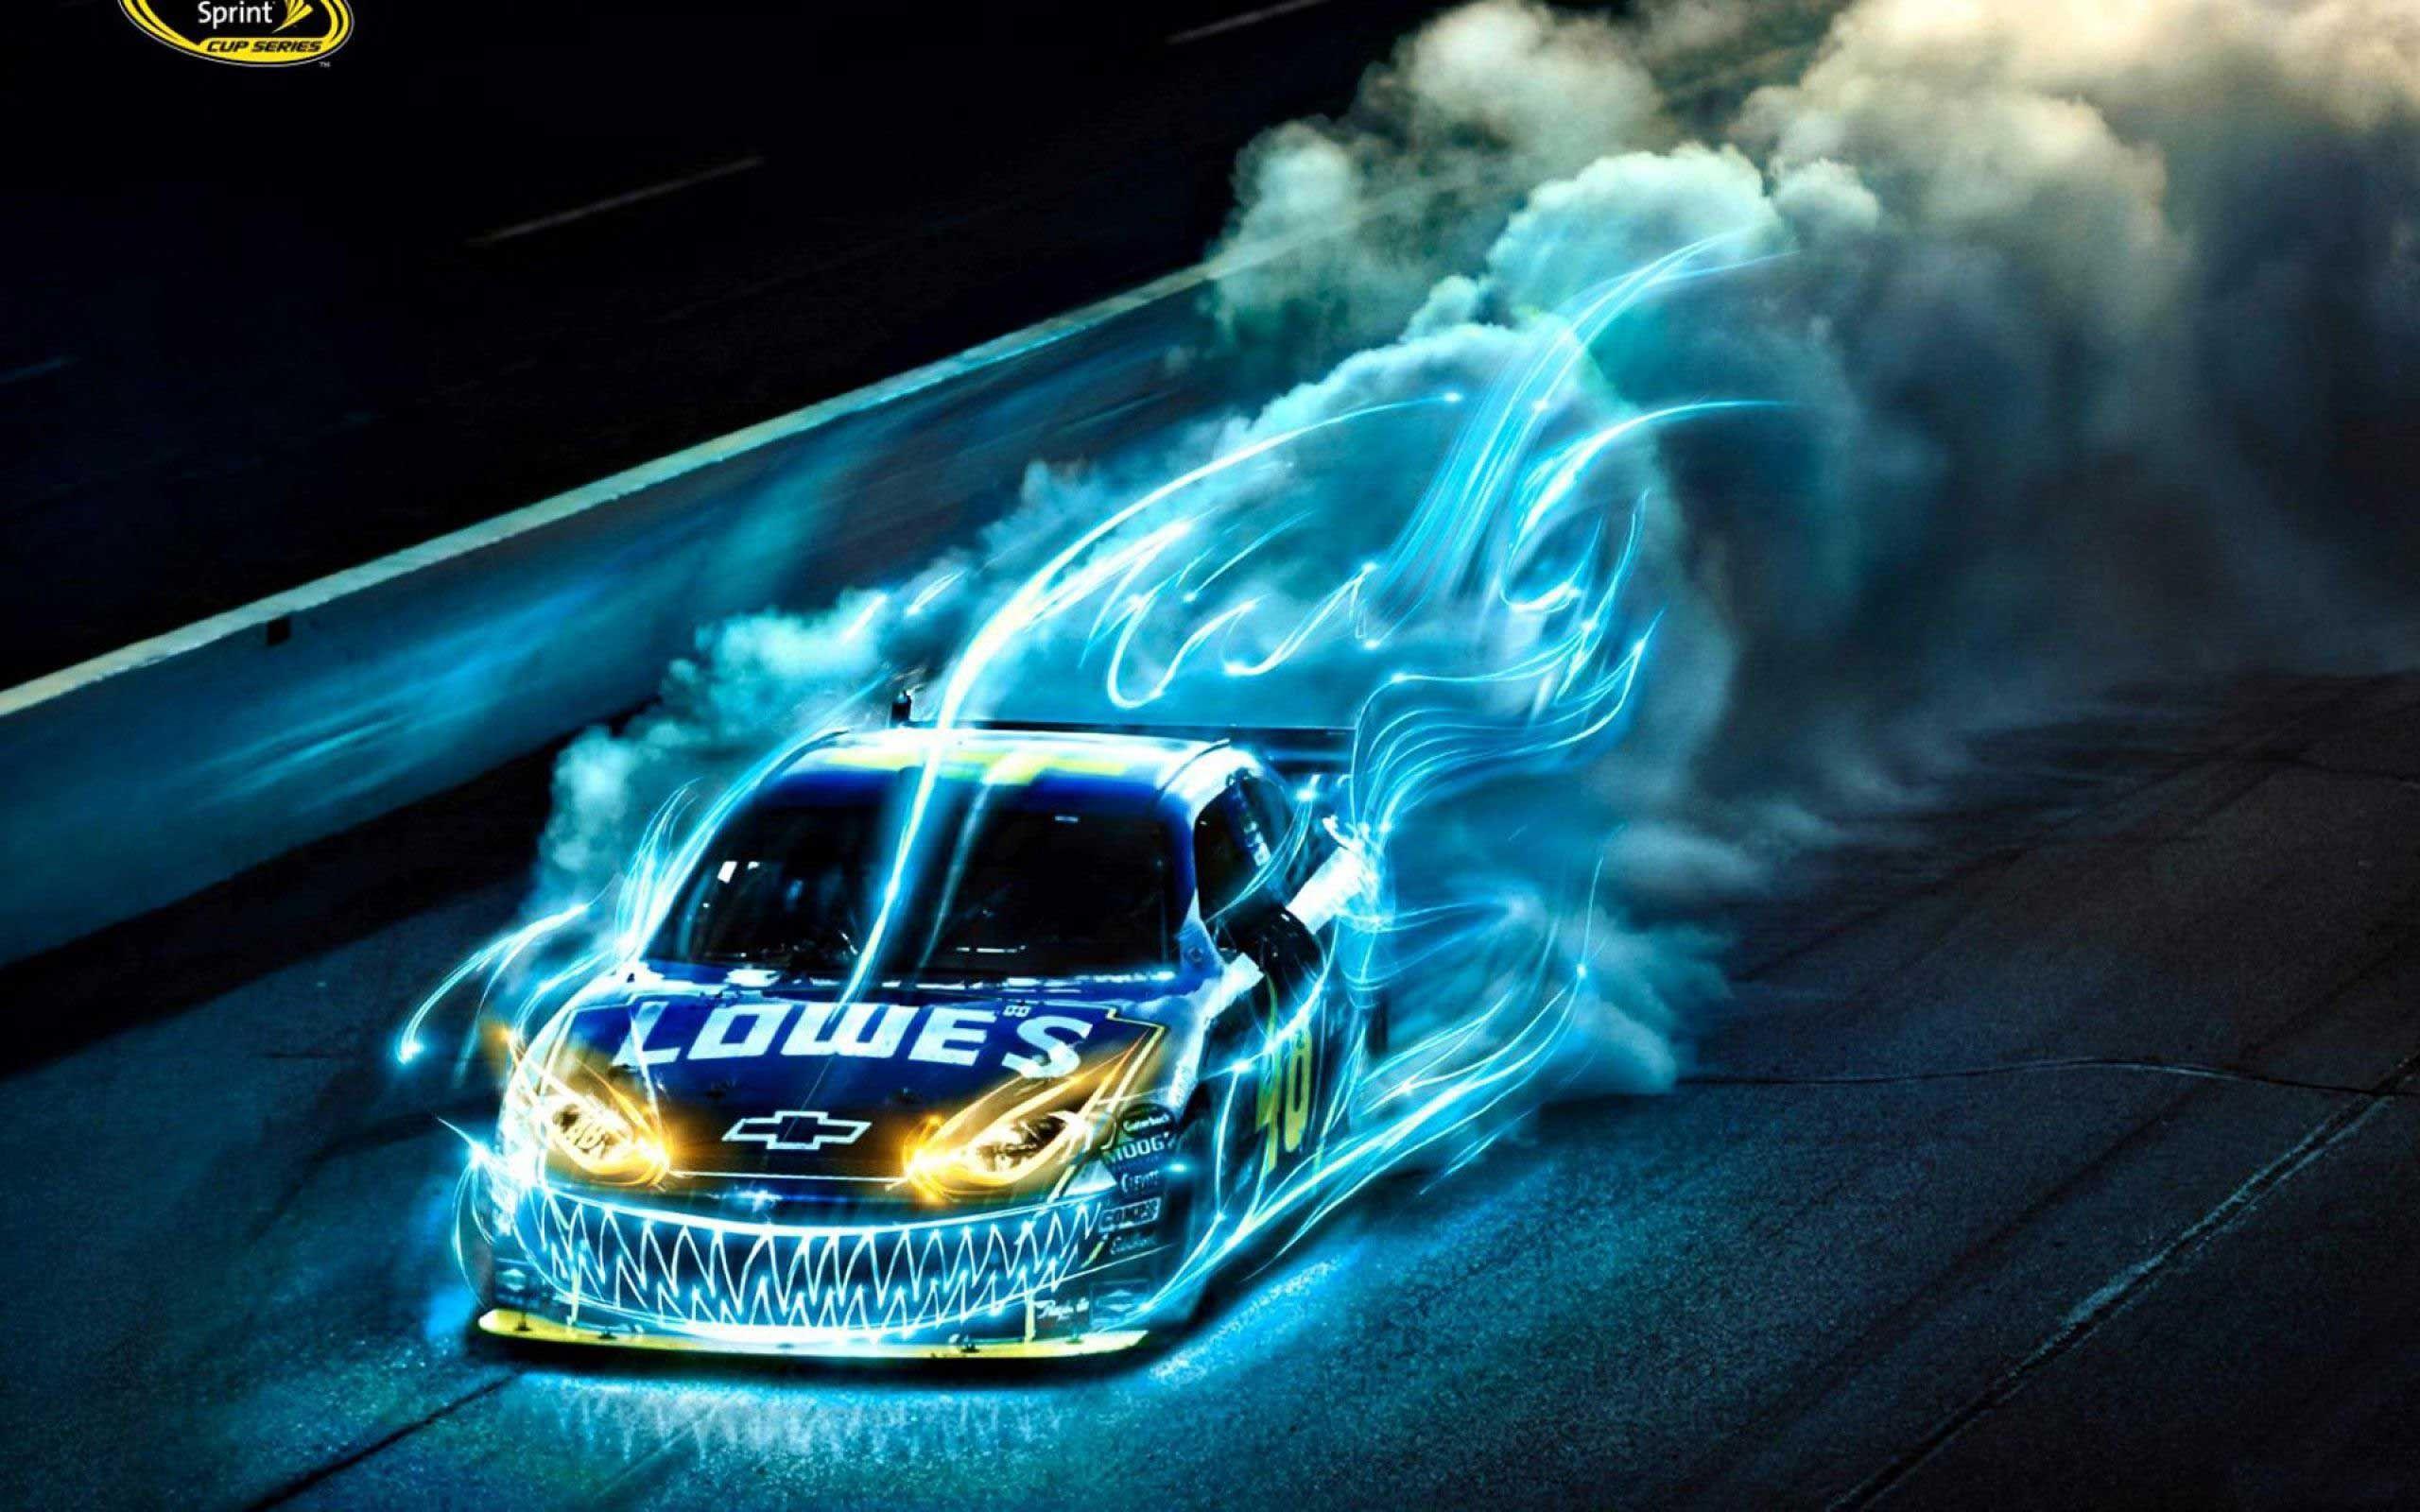 car wallpaper 1080p pd2